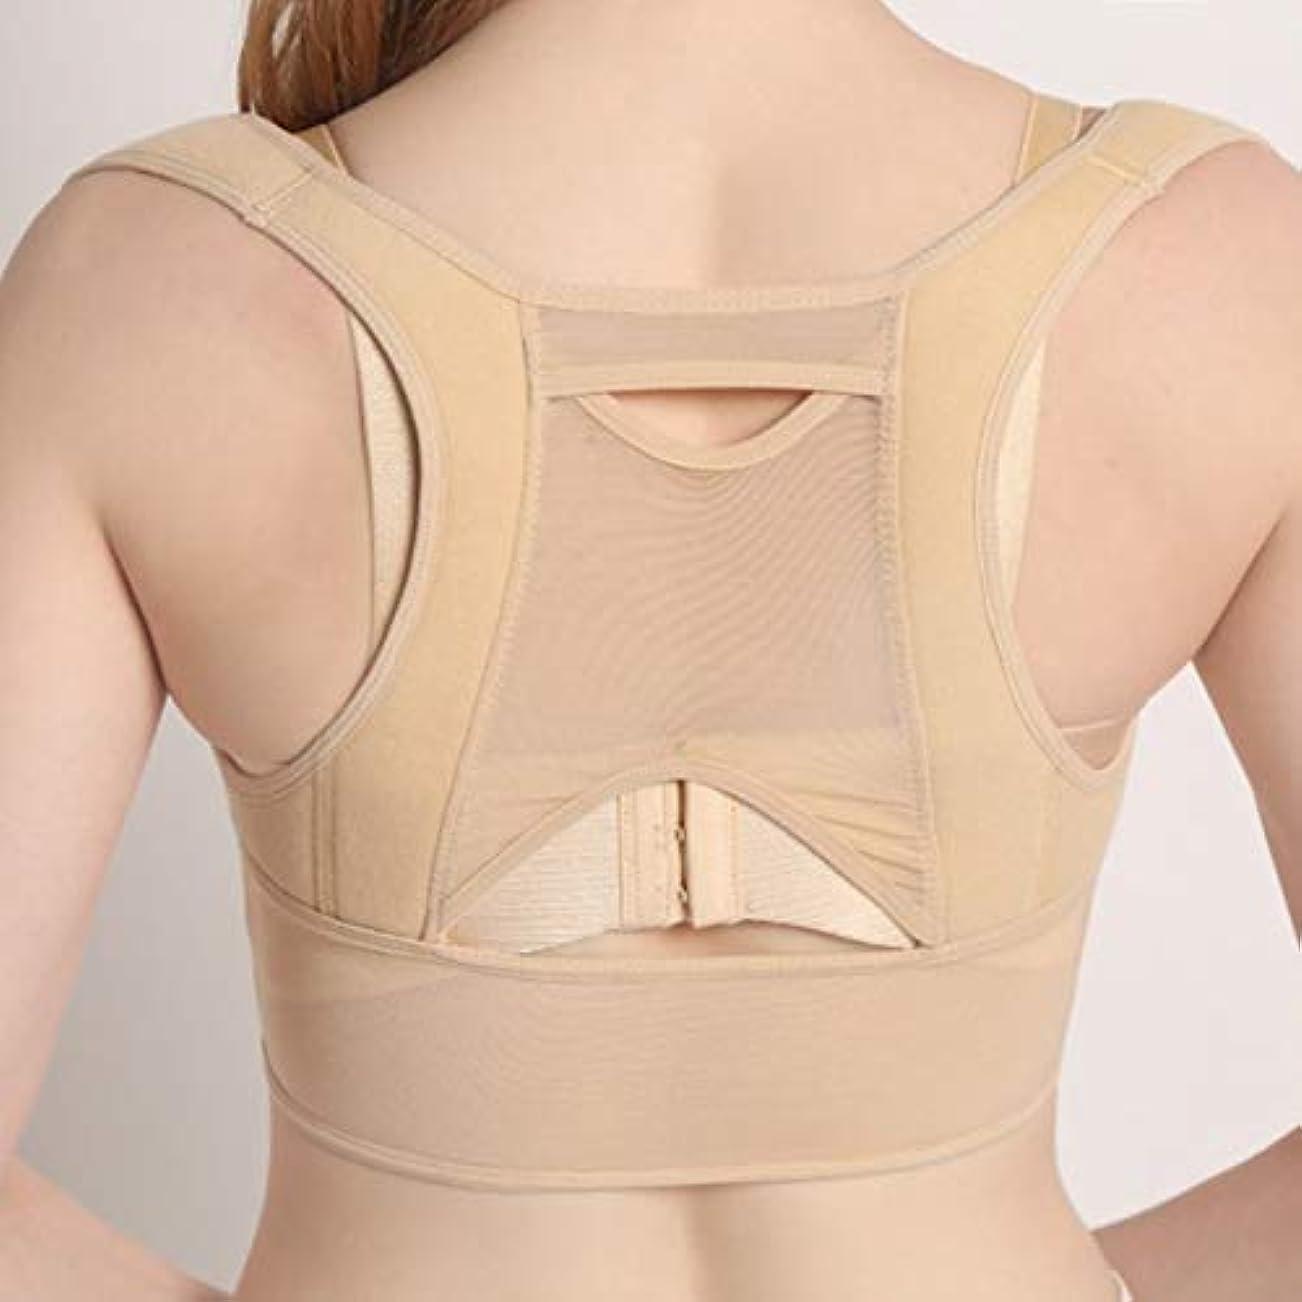 ペイント退却アリーナ通気性のある女性バック姿勢矯正コルセット整形外科用アッパーバックショルダー脊椎姿勢矯正腰椎サポート - ベージュホワイト